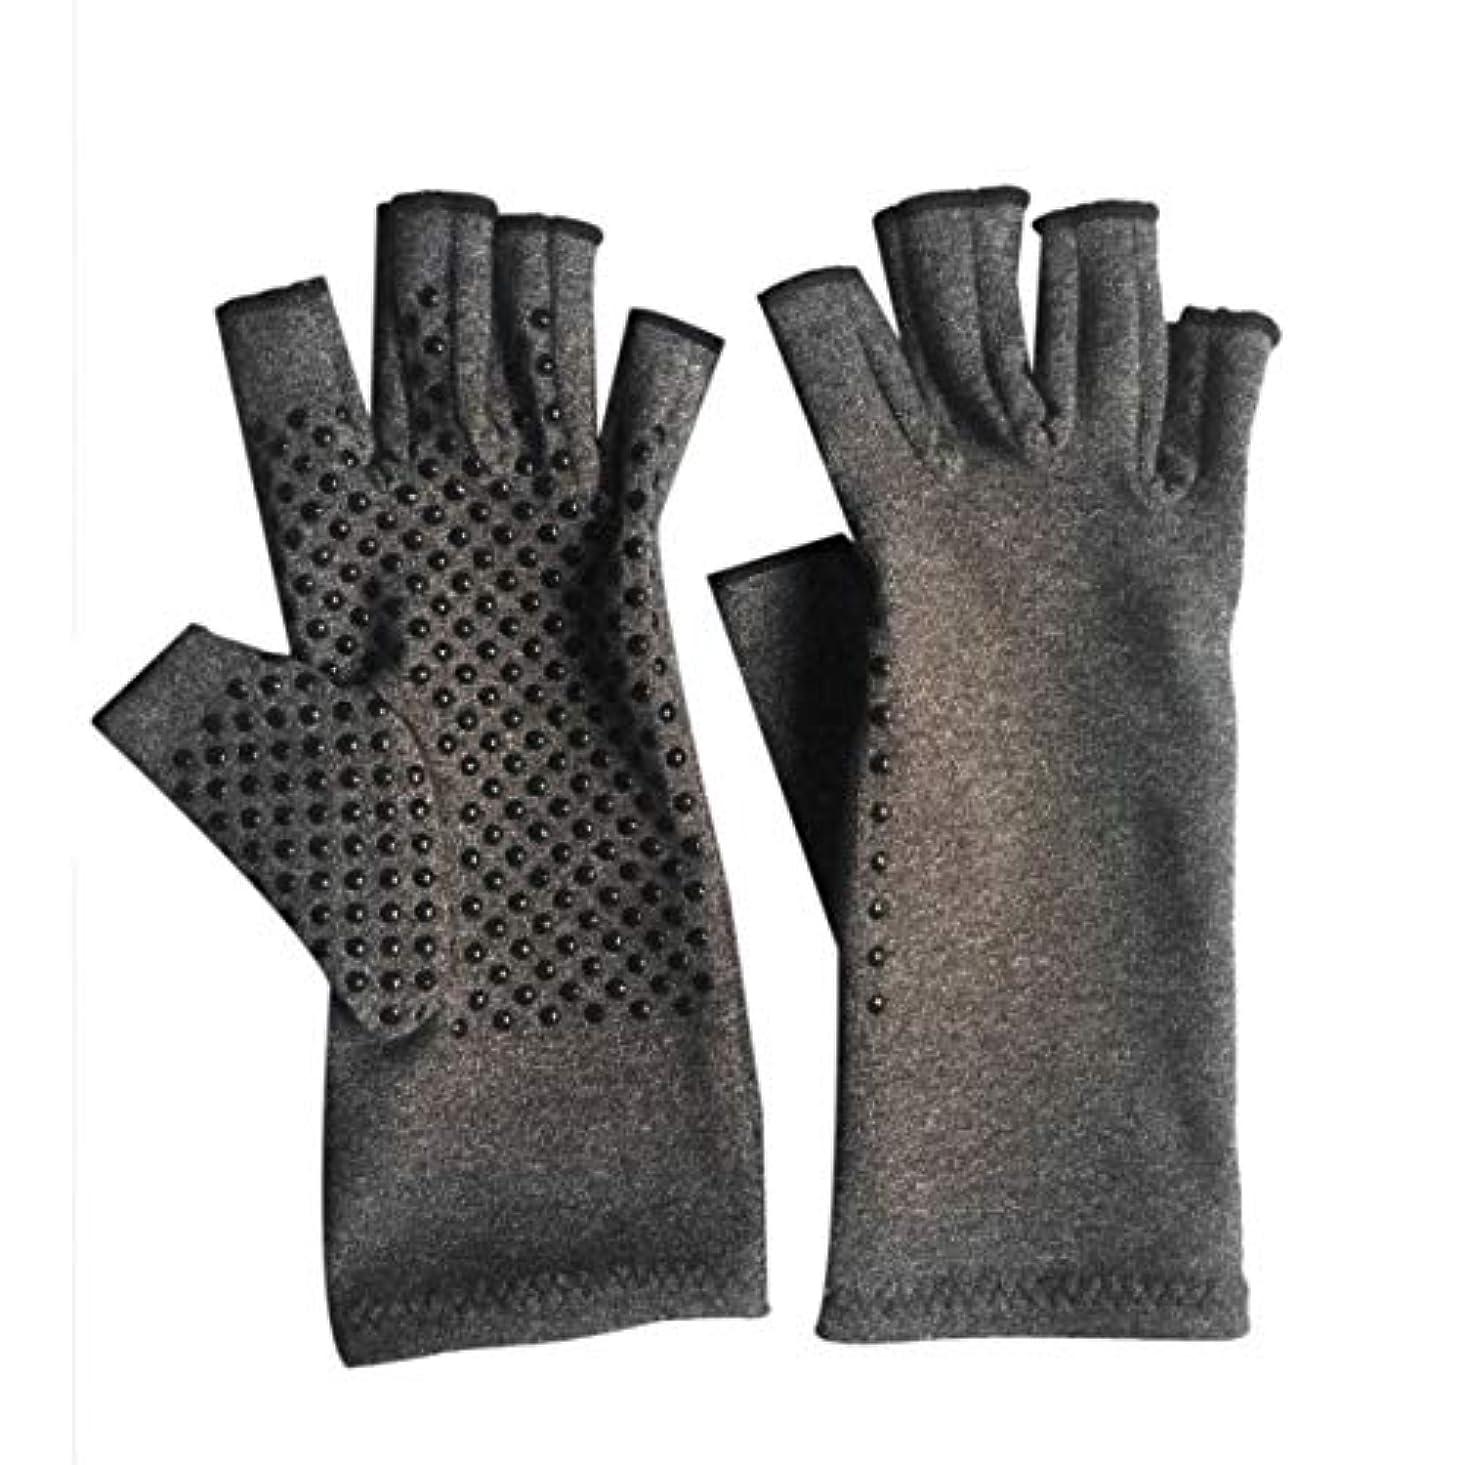 機動インスタンス冷酷な1ペアユニセックス男性女性療法圧縮手袋関節炎関節痛緩和ヘルスケア半指手袋トレーニング手袋 - グレーM